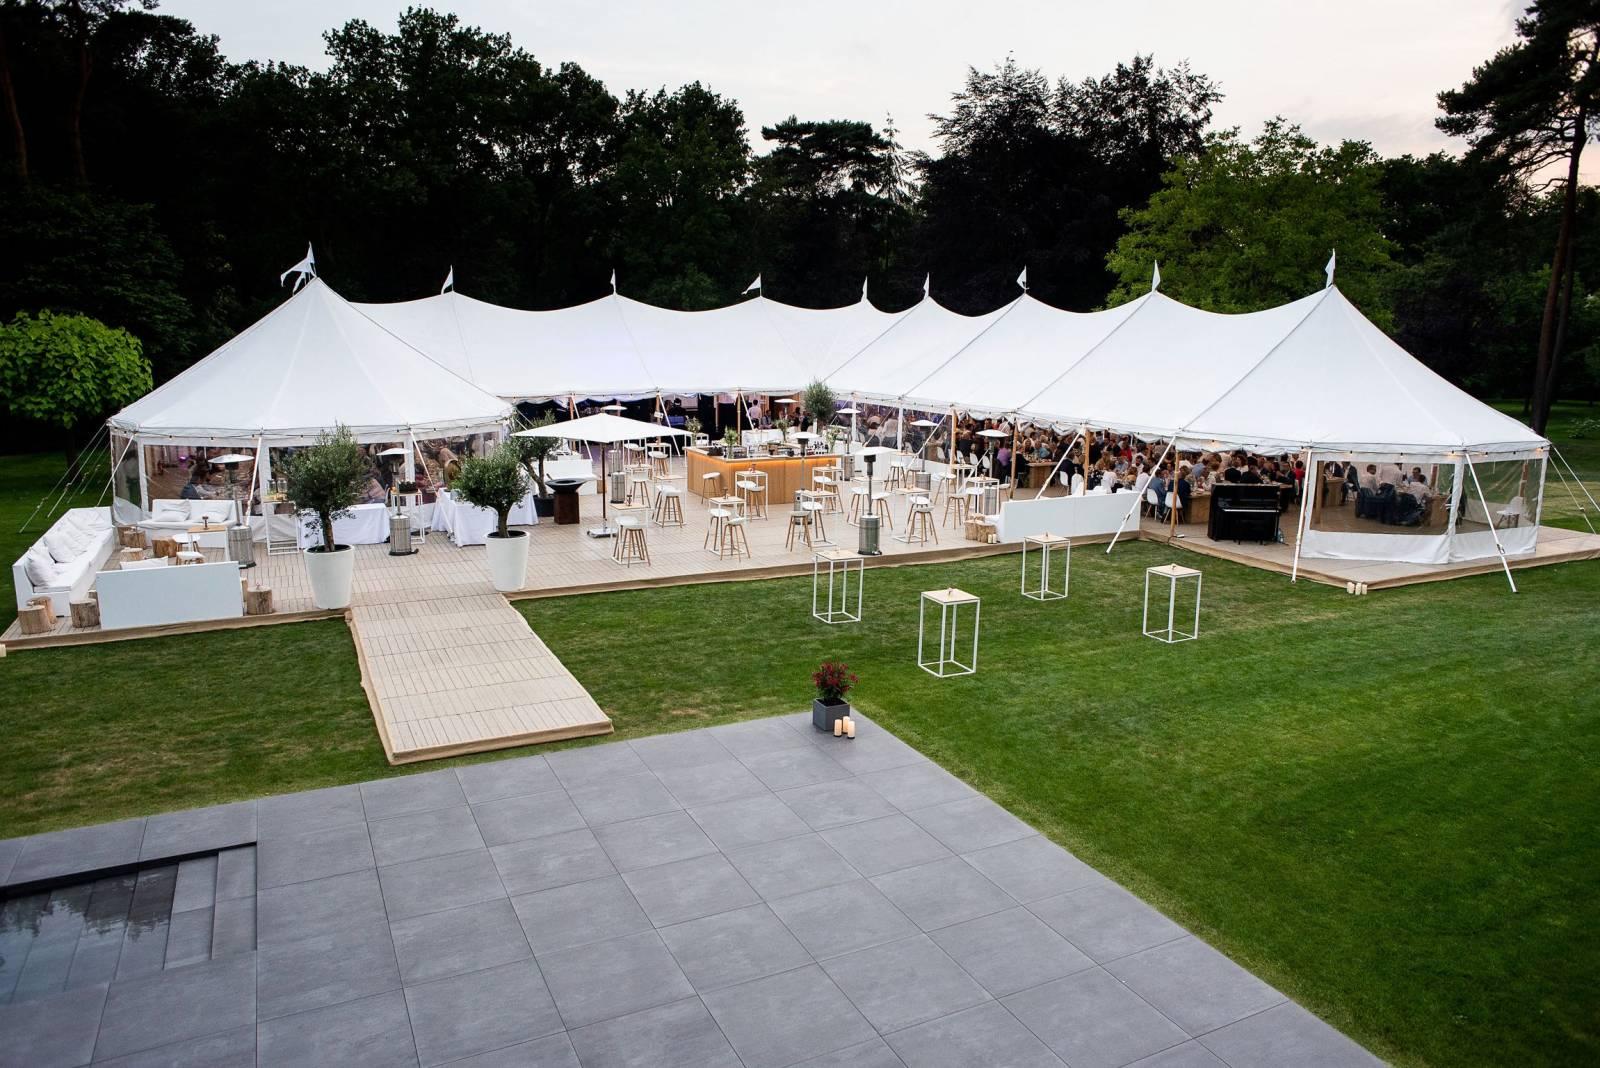 Altiro Tenten - Wedding Tent - Feesttent - Huwelijk trouw bruiloft - House of Weddings - 23